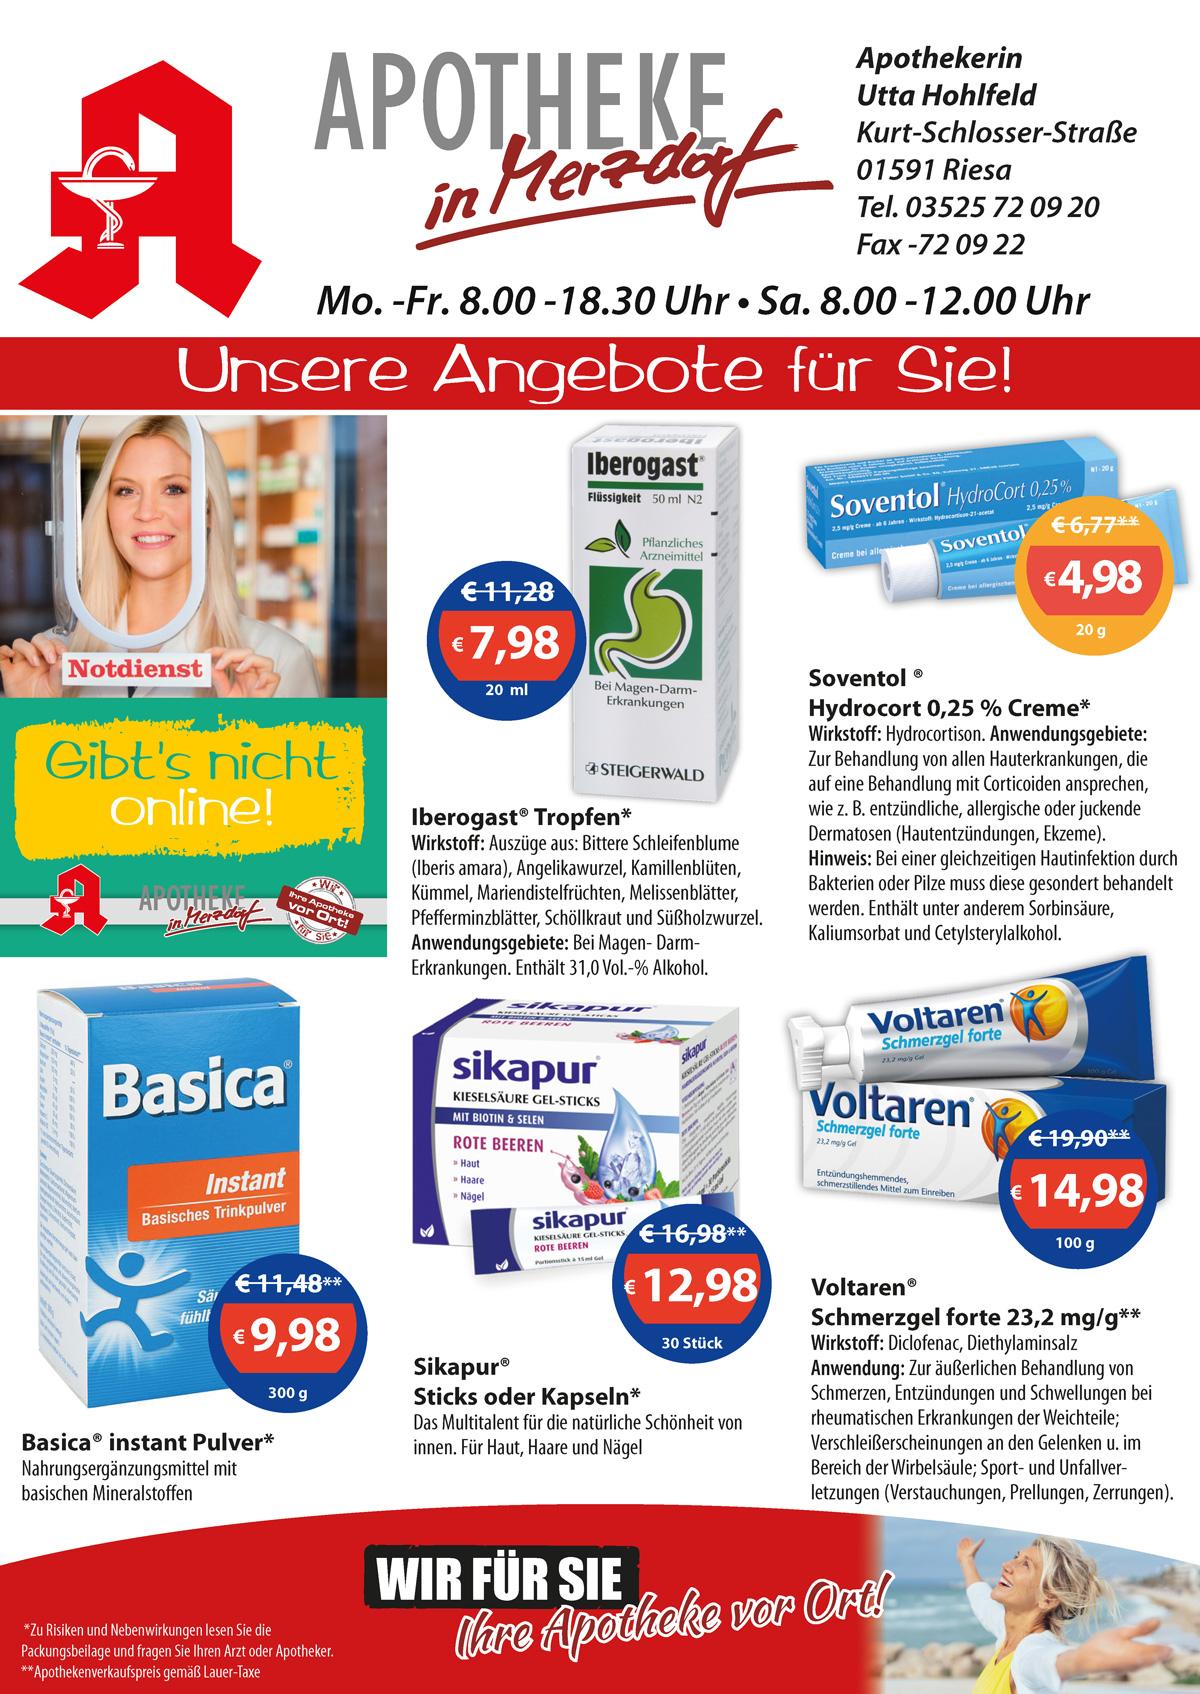 Aktuelle Angebote der Apotheke in Merzdorf